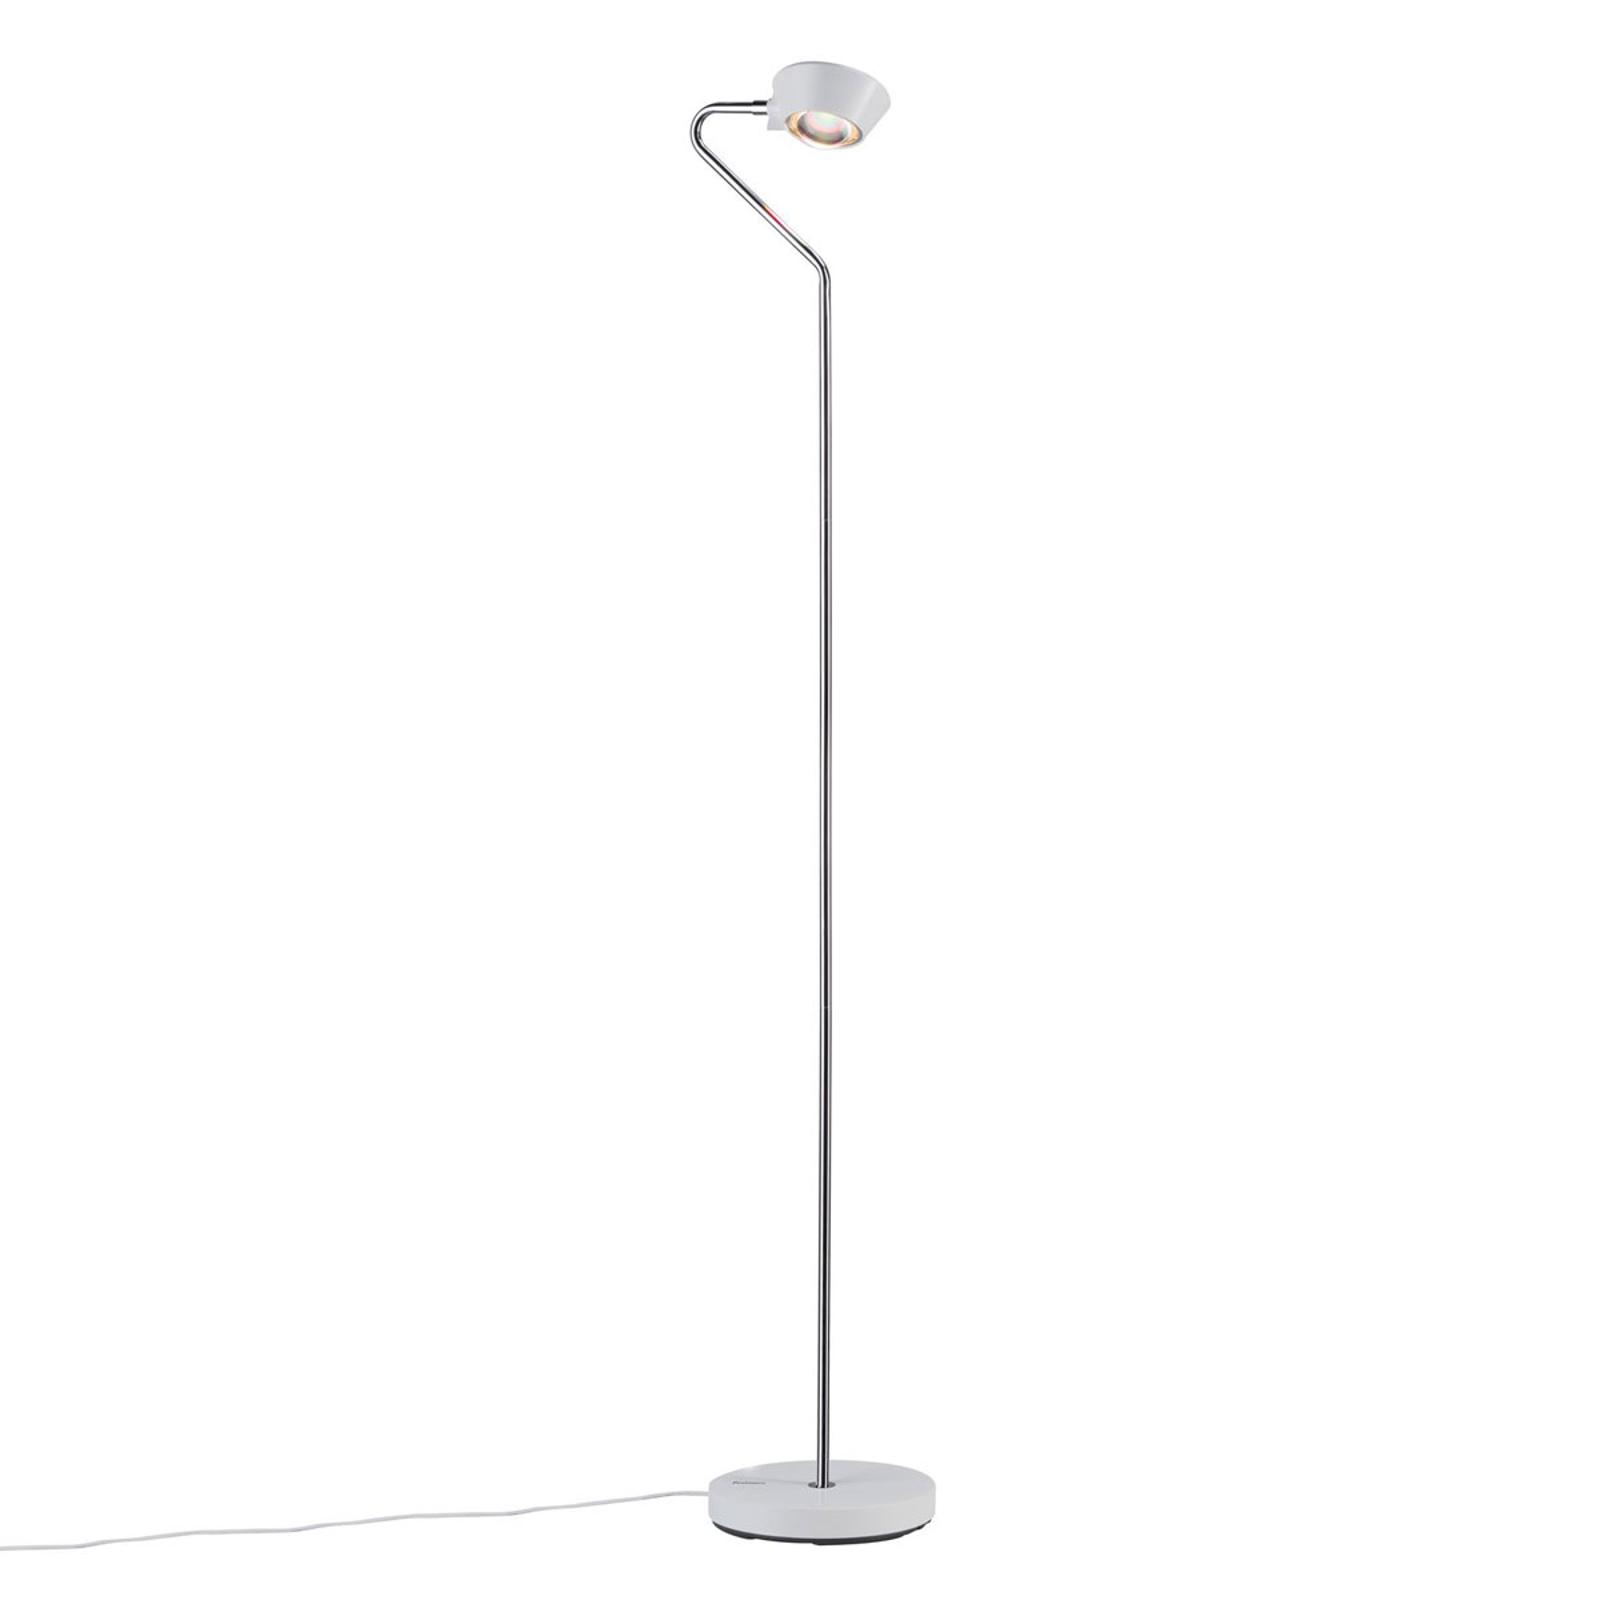 Paulmann Ramos lampada LED da terra